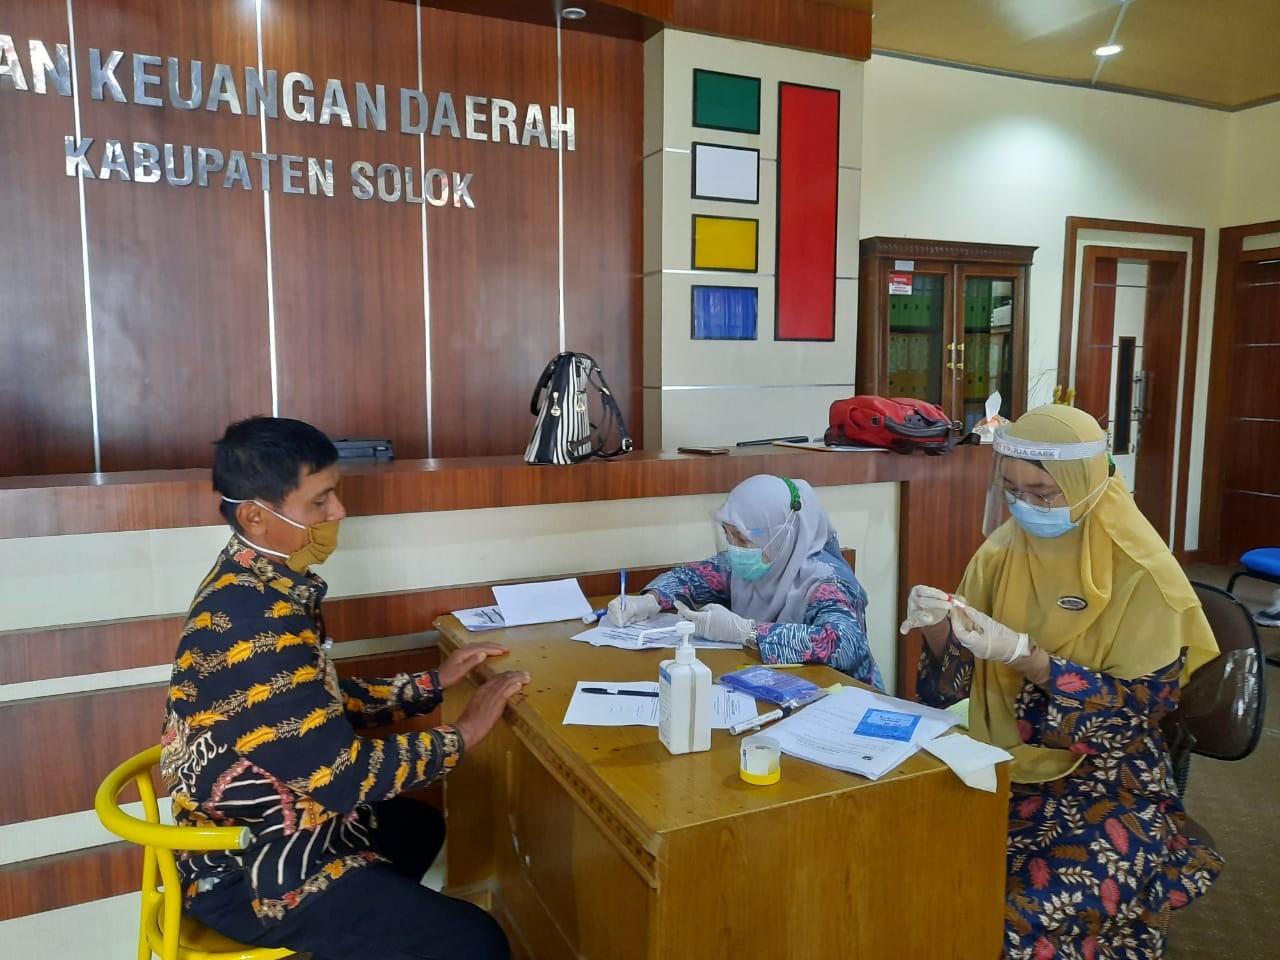 Pemeriksaan Swab di Lingkungan Badan Keuangan Daerah Kabupaten Solok